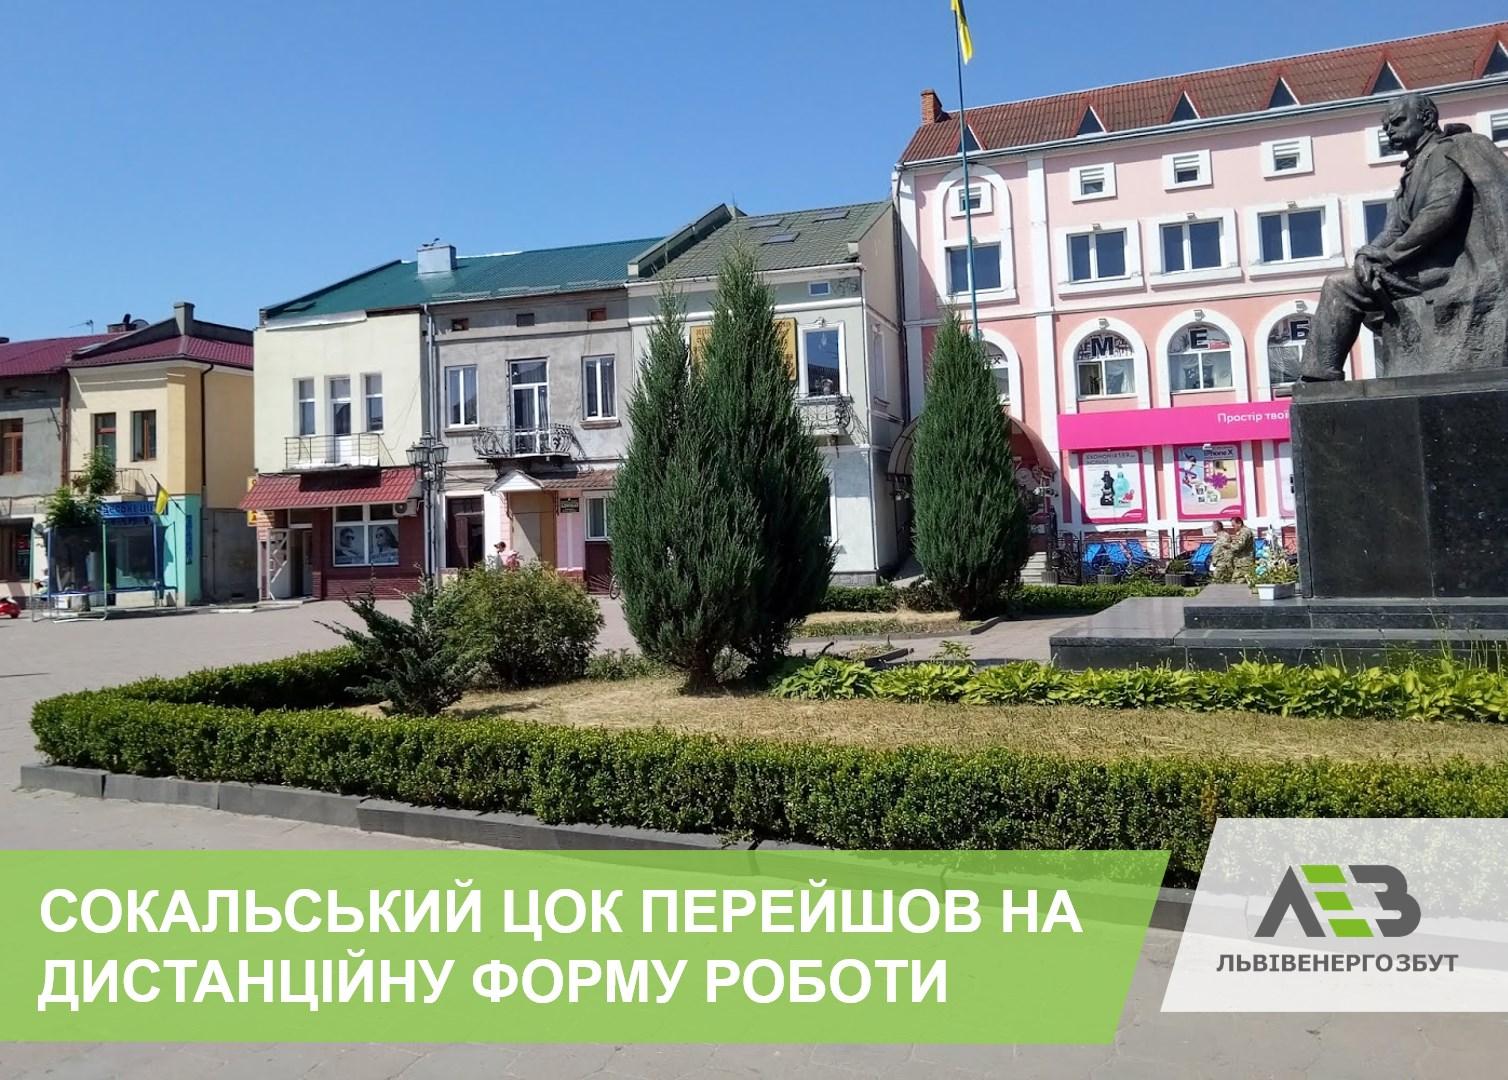 «Львівенергозбут» тимчасово призупиняє очний прийом у Центрі обслуговування клієнтів у м. Сокаль